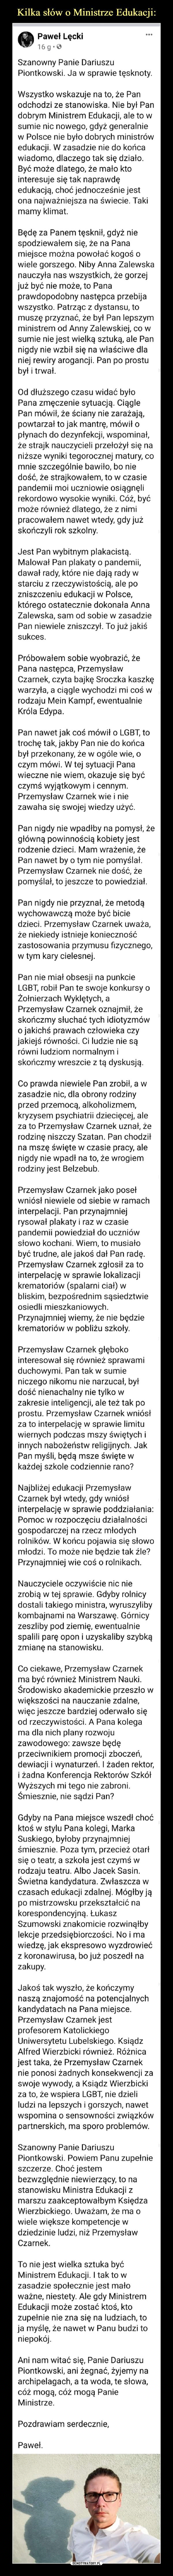 –  Paweł Lęcki1ti6 nSgoaponsfsocdrizendh.S  · Szanowny Panie Dariuszu Piontkowski. Ja w sprawie tęsknoty. Wszystko wskazuje na to, że Pan odchodzi ze stanowiska. Nie był Pan dobrym Ministrem Edukacji, ale to w sumie nic nowego, gdyż generalnie w Polsce nie było dobrych ministrów edukacji. W zasadzie nie do końca wiadomo, dlaczego tak się działo. Być może dlatego, że mało kto interesuje się tak naprawdę edukacją, choć jednocześnie jest ona najważniejsza na świecie. Taki mamy klimat. Będę za Panem tęsknił, gdyż nie spodziewałem się, że na Pana miejsce można powołać kogoś o wiele gorszego. Niby Anna Zalewska nauczyła nas wszystkich, że gorzej już być nie może, to Pana prawdopodobny następca przebija wszystko. Patrząc z dystansu, to muszę przyznać, że był Pan lepszym ministrem od Anny Zalewskiej, co w sumie nie jest wielką sztuką, ale Pan nigdy nie wzbił się na właściwe dla niej rewiry arogancji. Pan po prostu był i trwał. Od dłuższego czasu widać było Pana zmęczenie sytuacją. Ciągle Pan mówił, że ściany nie zarażają, powtarzał to jak mantrę, mówił o płynach do dezynfekcji, wspominał, że strajk nauczycieli przełożył się na niższe wyniki tegorocznej matury, co mnie szczególnie bawiło, bo nie dość, że strajkowałem, to w czasie pandemii moi uczniowie osiągnęli rekordowo wysokie wyniki. Cóż, być może również dlatego, że z nimi pracowałem nawet wtedy, gdy już skończyli rok szkolny. Jest Pan wybitnym plakacistą. Malował Pan plakaty o pandemii, dawał rady, które nie dają rady w starciu z rzeczywistością, ale po zniszczeniu edukacji w Polsce, którego ostatecznie dokonała Anna Zalewska, sam od sobie w zasadzie Pan niewiele zniszczył. To już jakiś sukces. Próbowałem sobie wyobrazić, że Pana następca, Przemysław Czarnek, czyta bajkę Sroczka kaszkę warzyła, a ciągle wychodzi mi coś w rodzaju Mein Kampf, ewentualnie Króla Edypa. Pan nawet jak coś mówił o LGBT, to trochę tak, jakby Pan nie do końca był przekonany, że w ogóle wie, o czym mówi. W tej sytuacji Pana wieczne nie wiem, oka